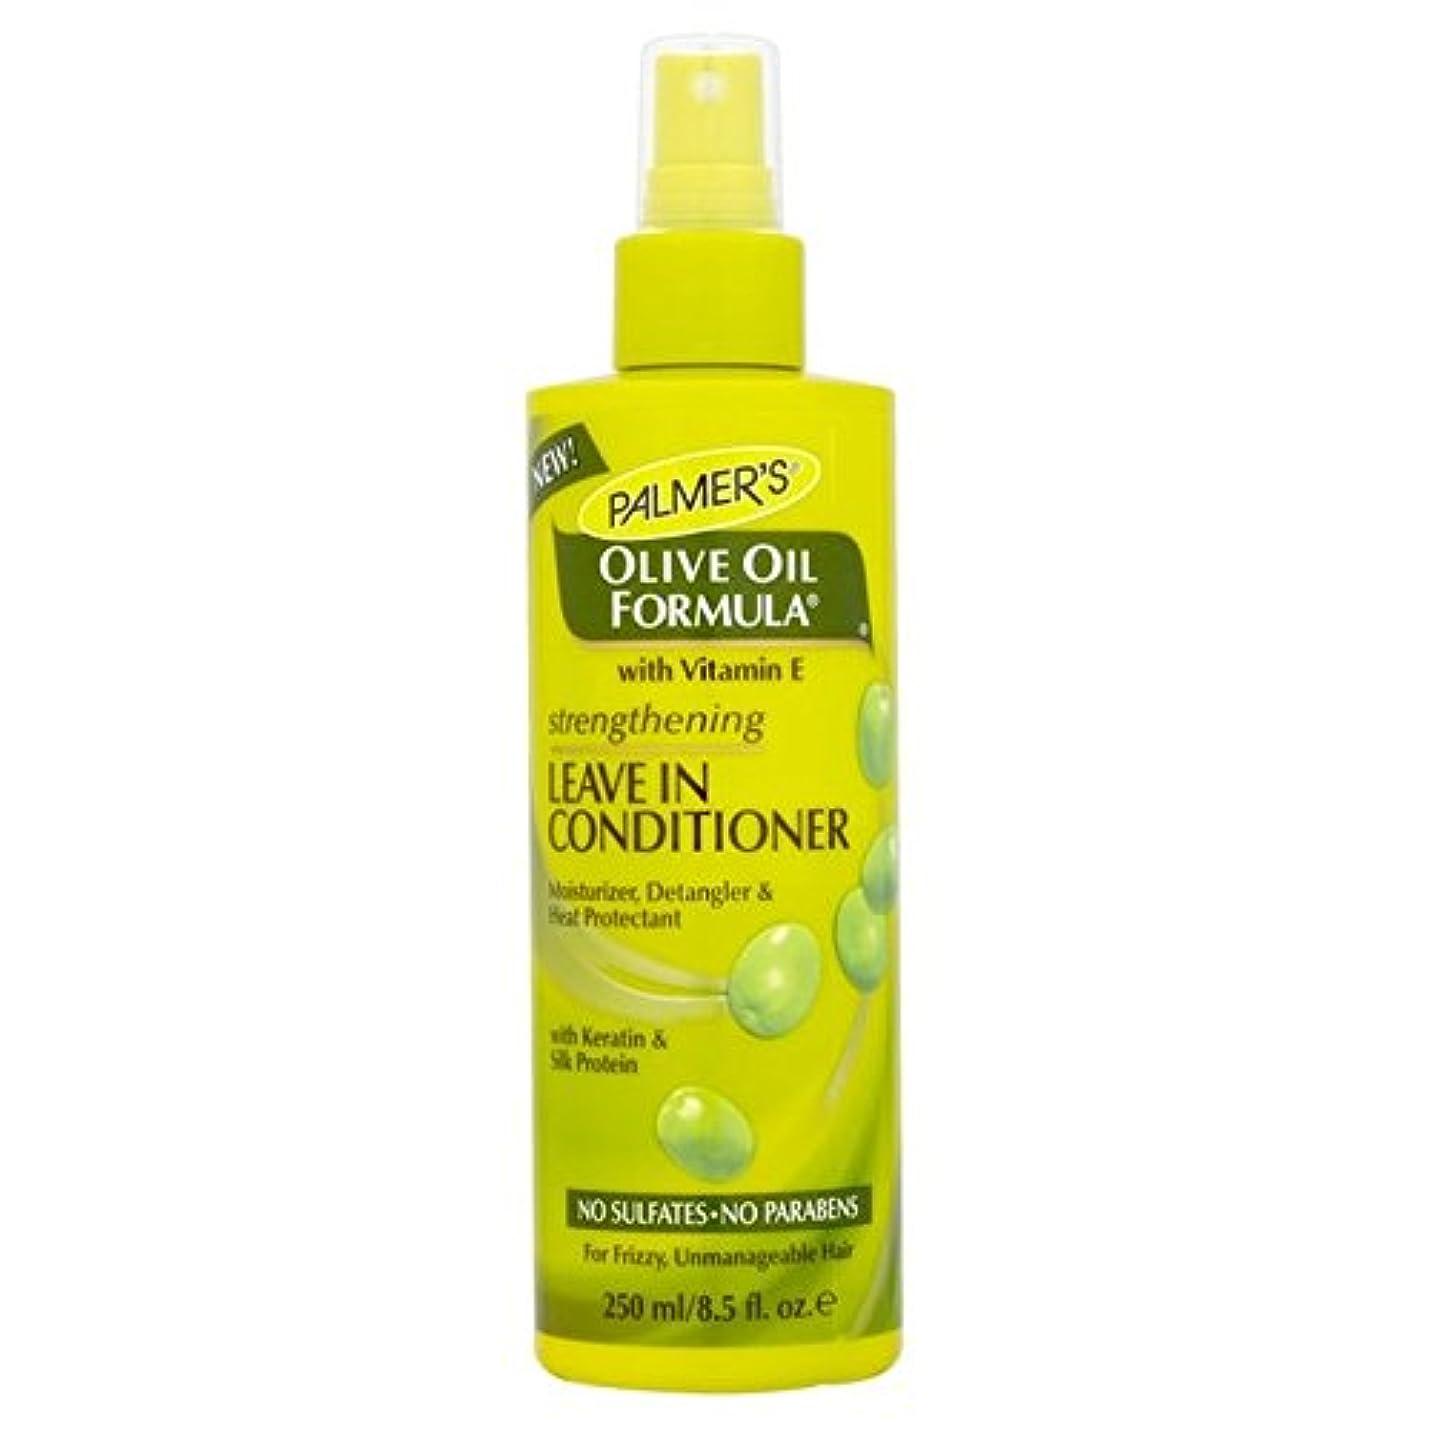 バーガー紀元前却下するPalmer's Olive Oil Formula Strengthening Leave-in Conditioner 250ml (Pack of 6) - リーブインコンディショナー250を強化パーマーのオリーブオイル...